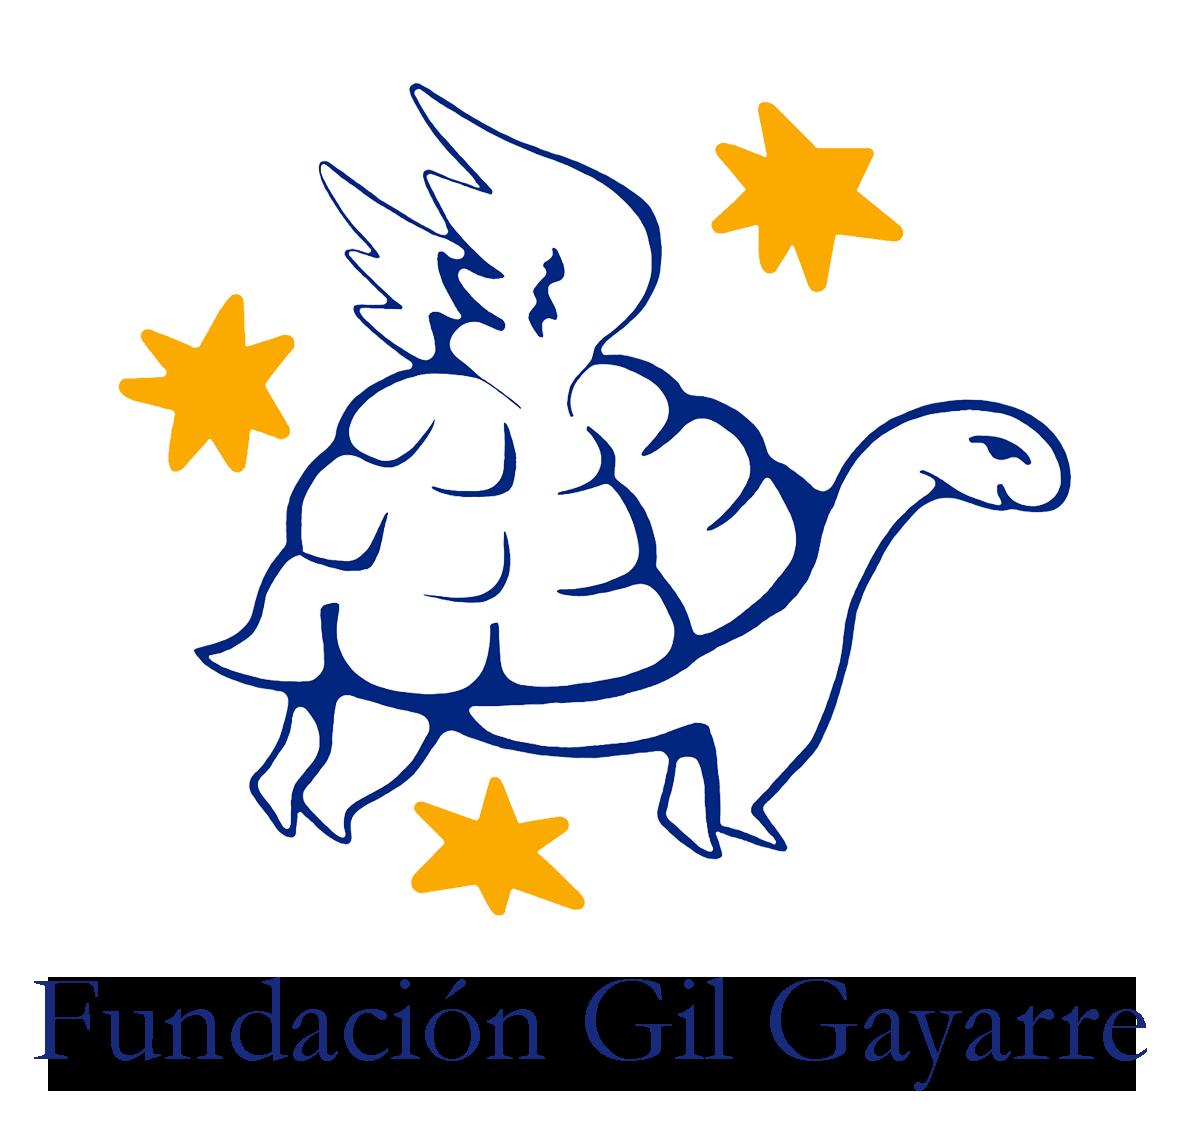 Fundación Gil Gayarre